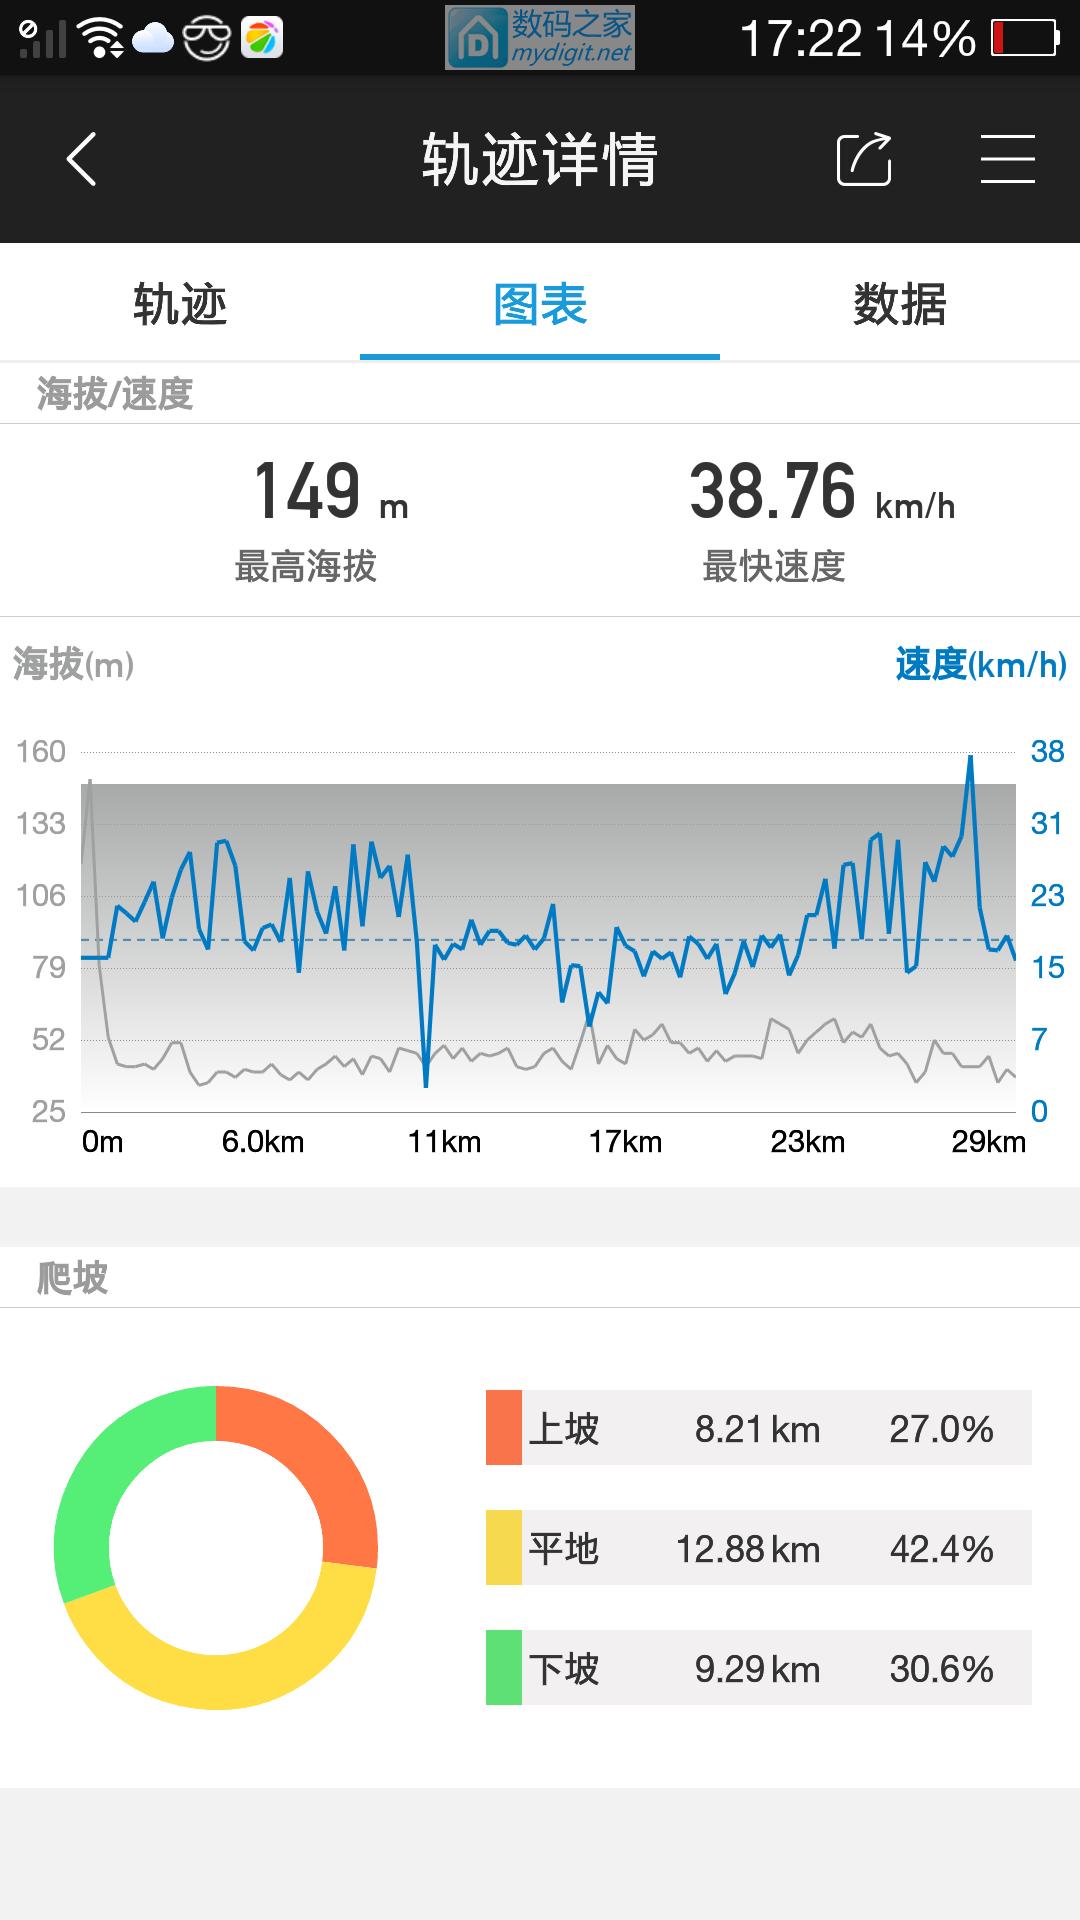 周末骑行30公里(山地电动车)